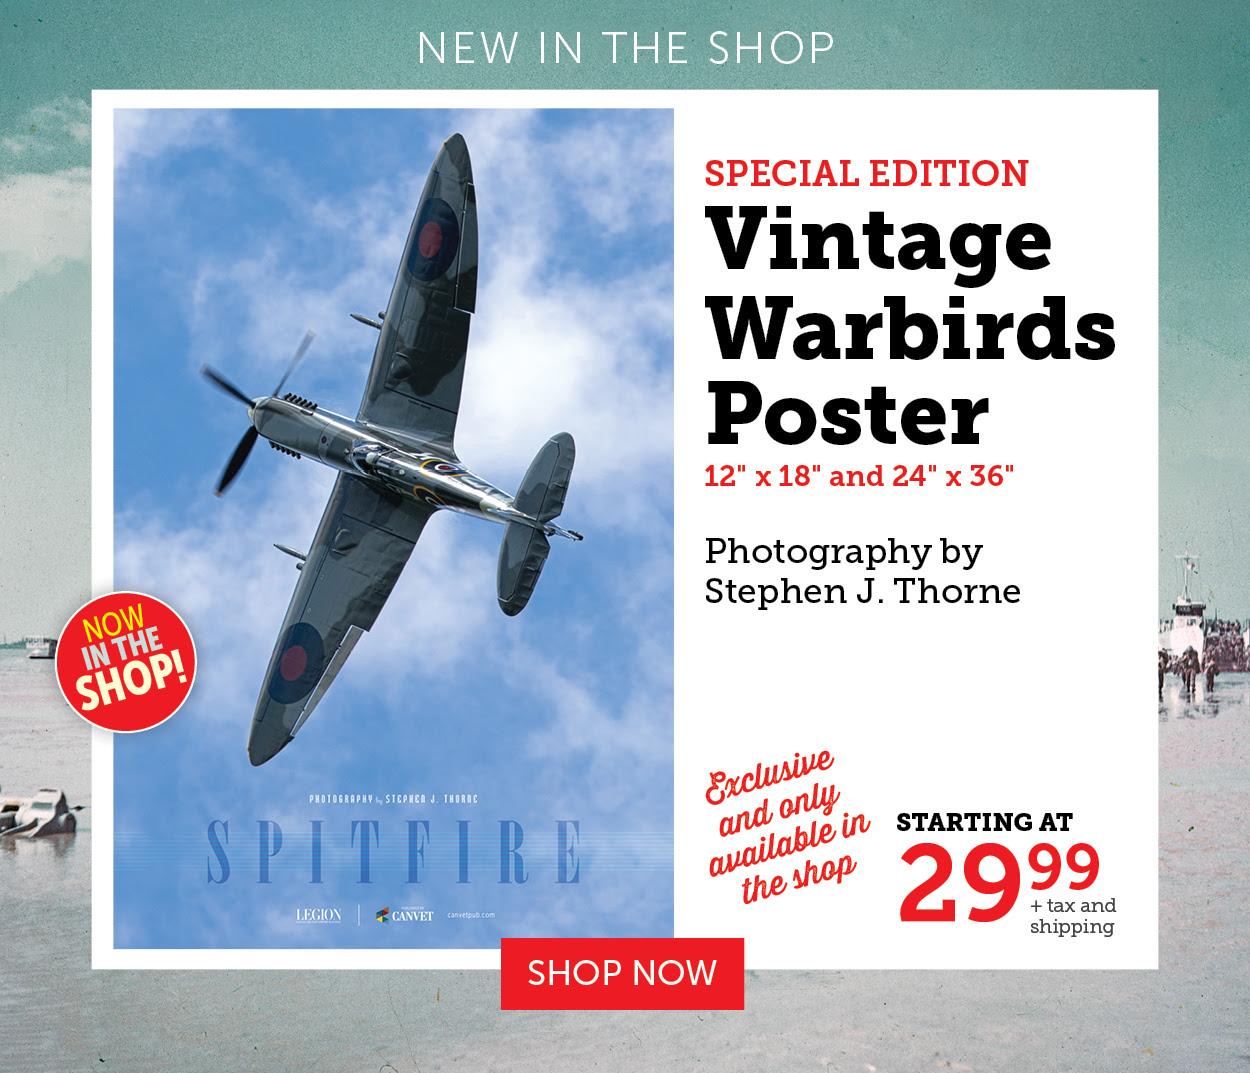 Vintage Warbirds Poster